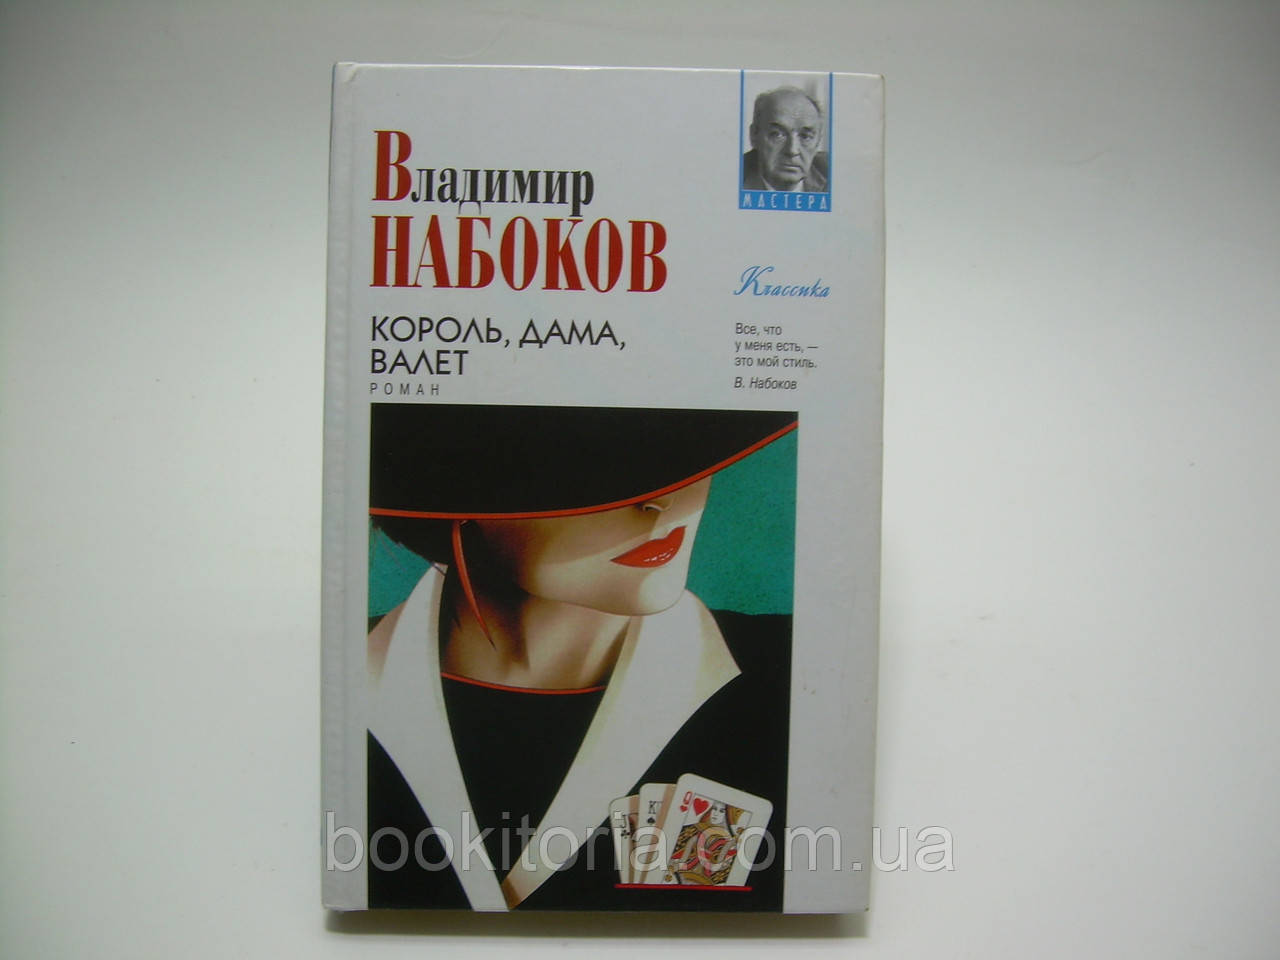 Набоков В. Король, дама, валет (б/у).